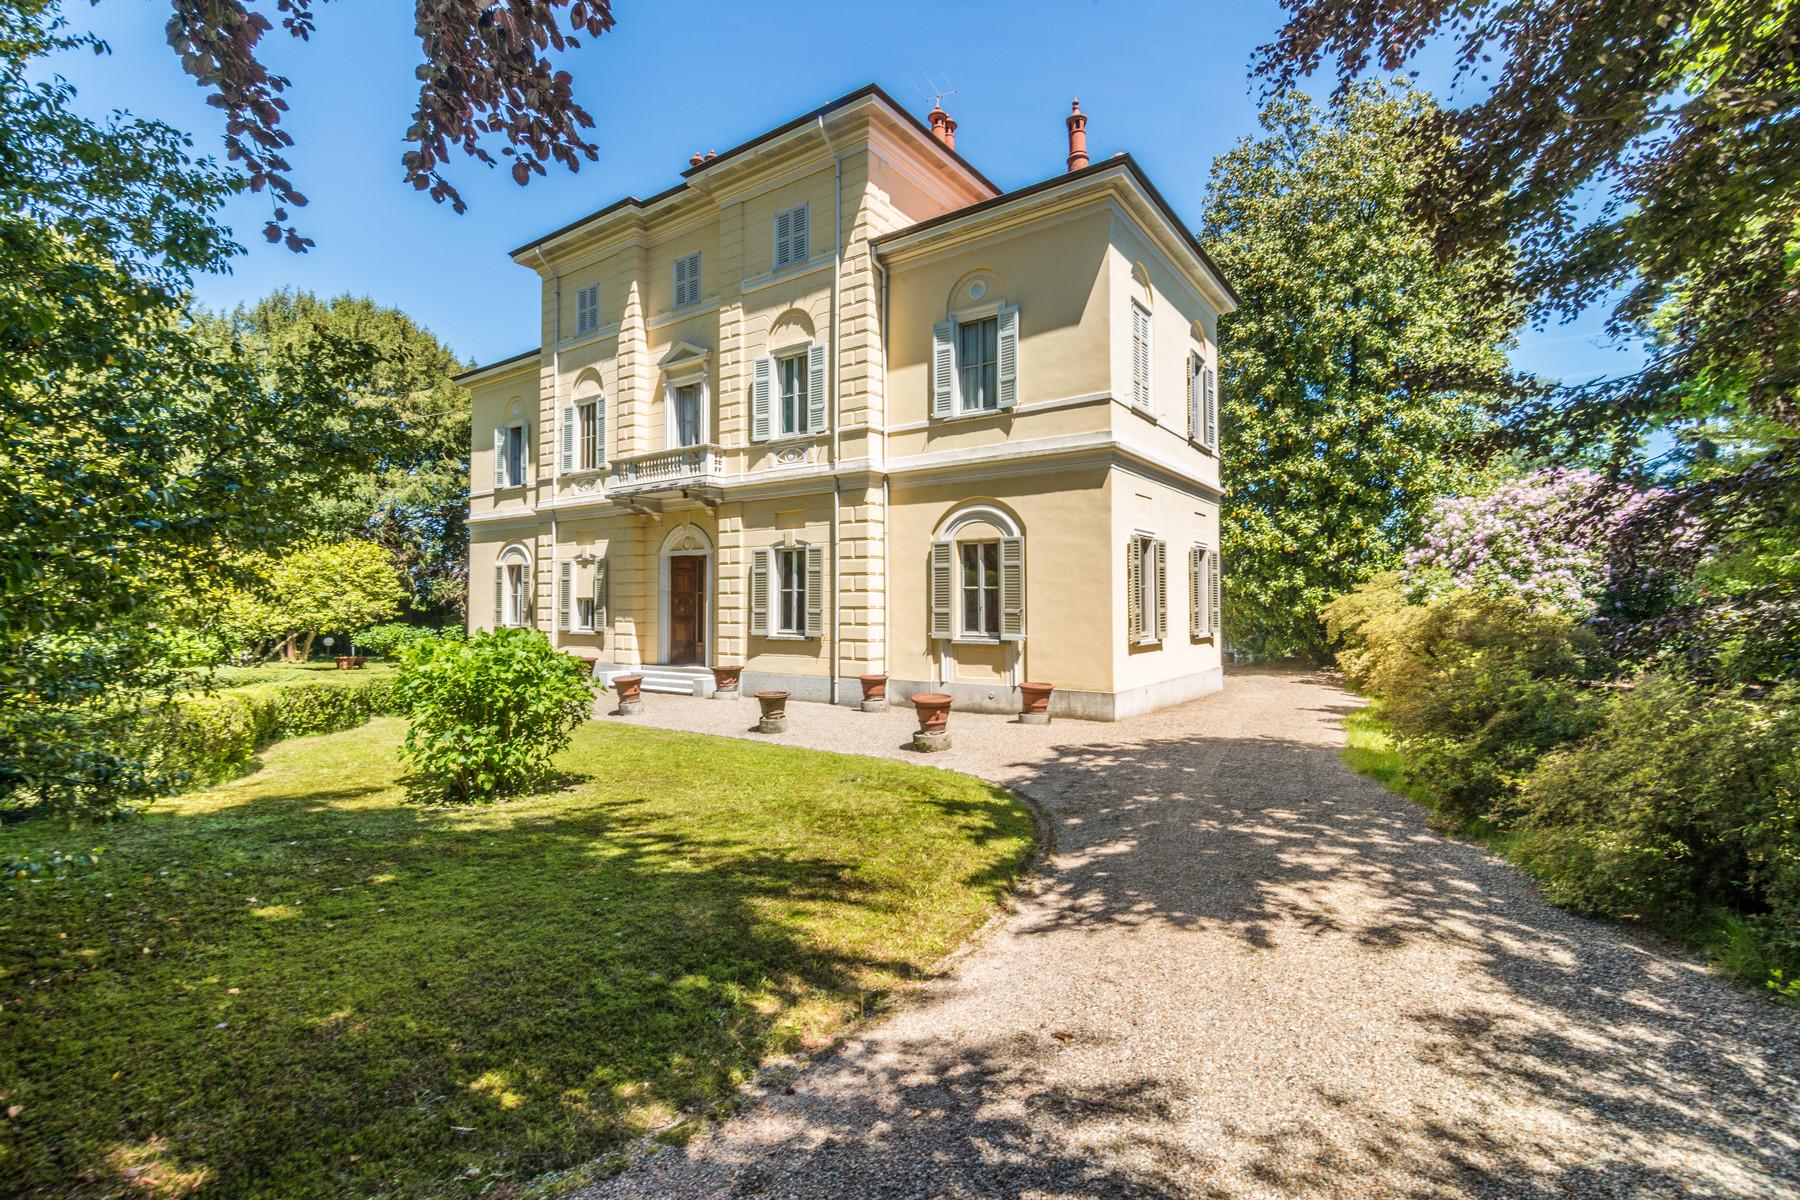 Villa in Vendita a Pella: 5 locali, 702 mq - Foto 3